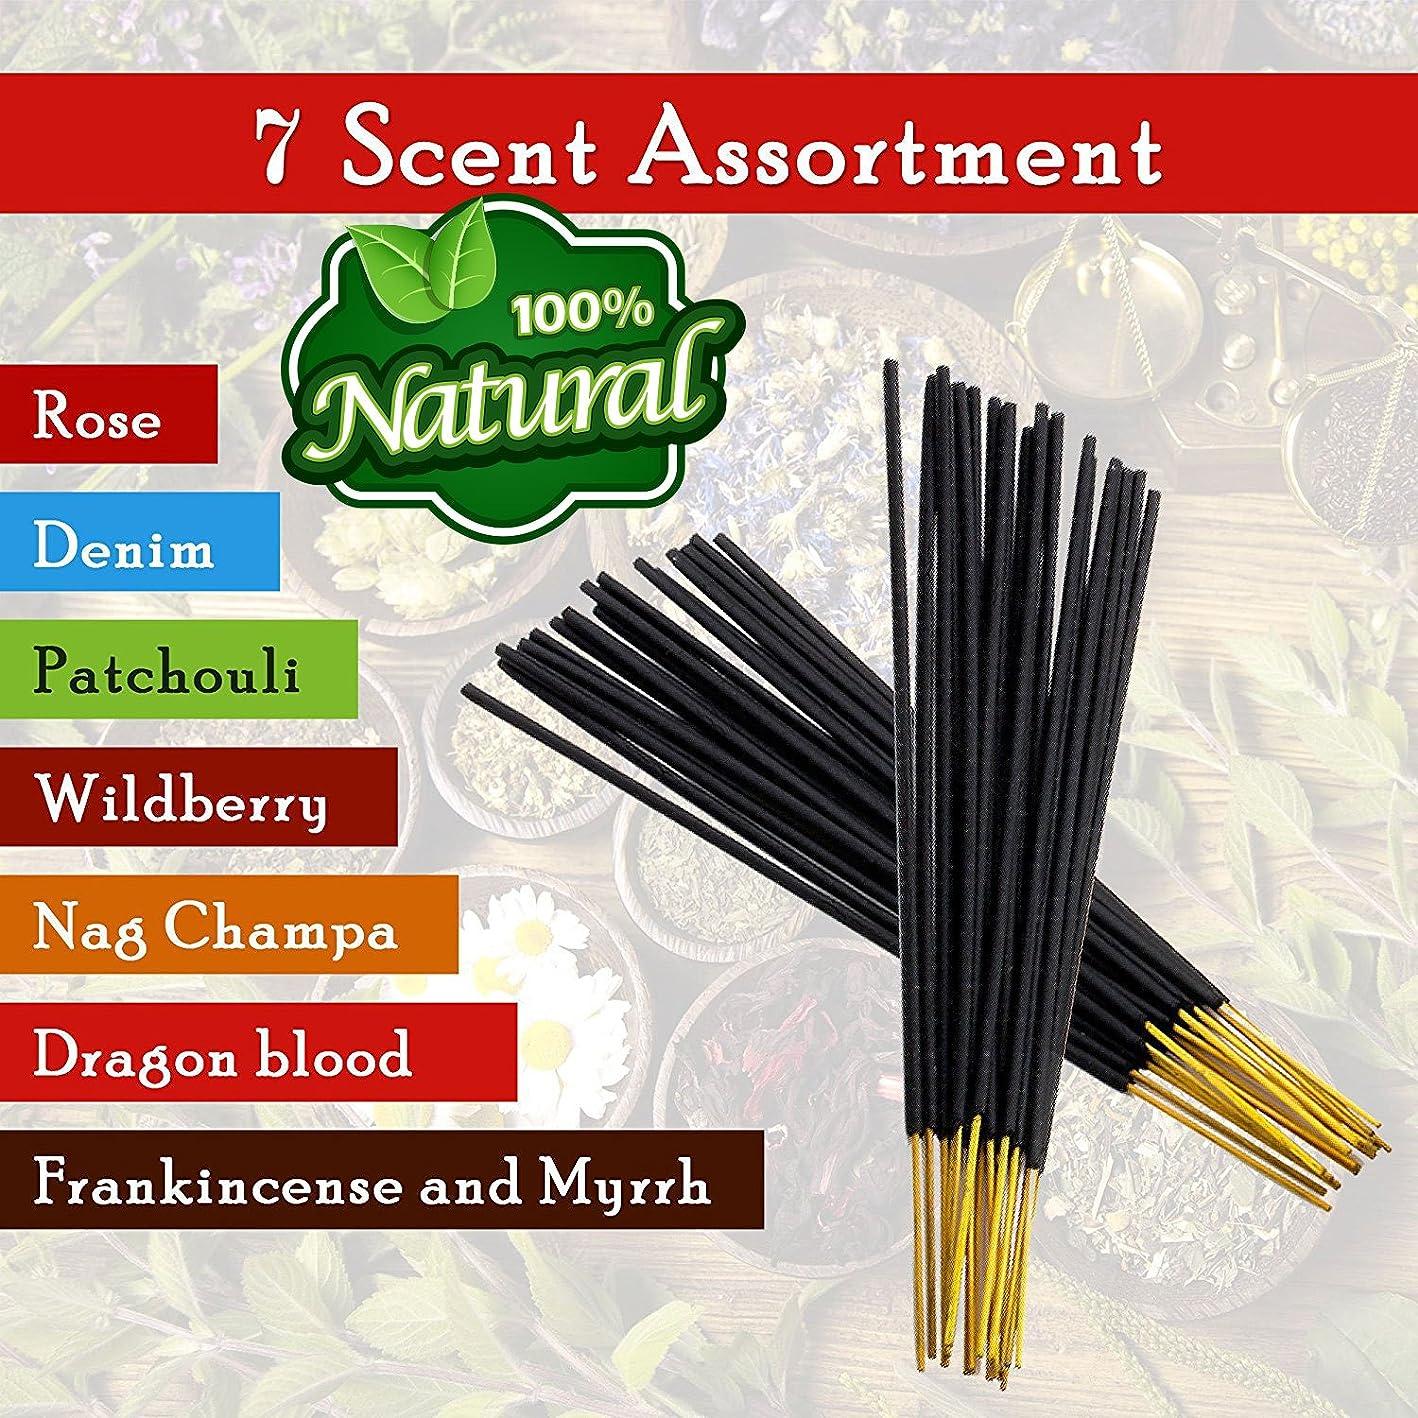 排気珍しい予定7-assorted-scents-Frankincense-and-Myrrh-Patchouli-Denim-Rose Dragon-blood-Nag-champa-Wildberry 100%-Natural-Incense-Sticks Handmade-Hand-Dipped The-best-140-pack-20-Sticks-each-fragrance